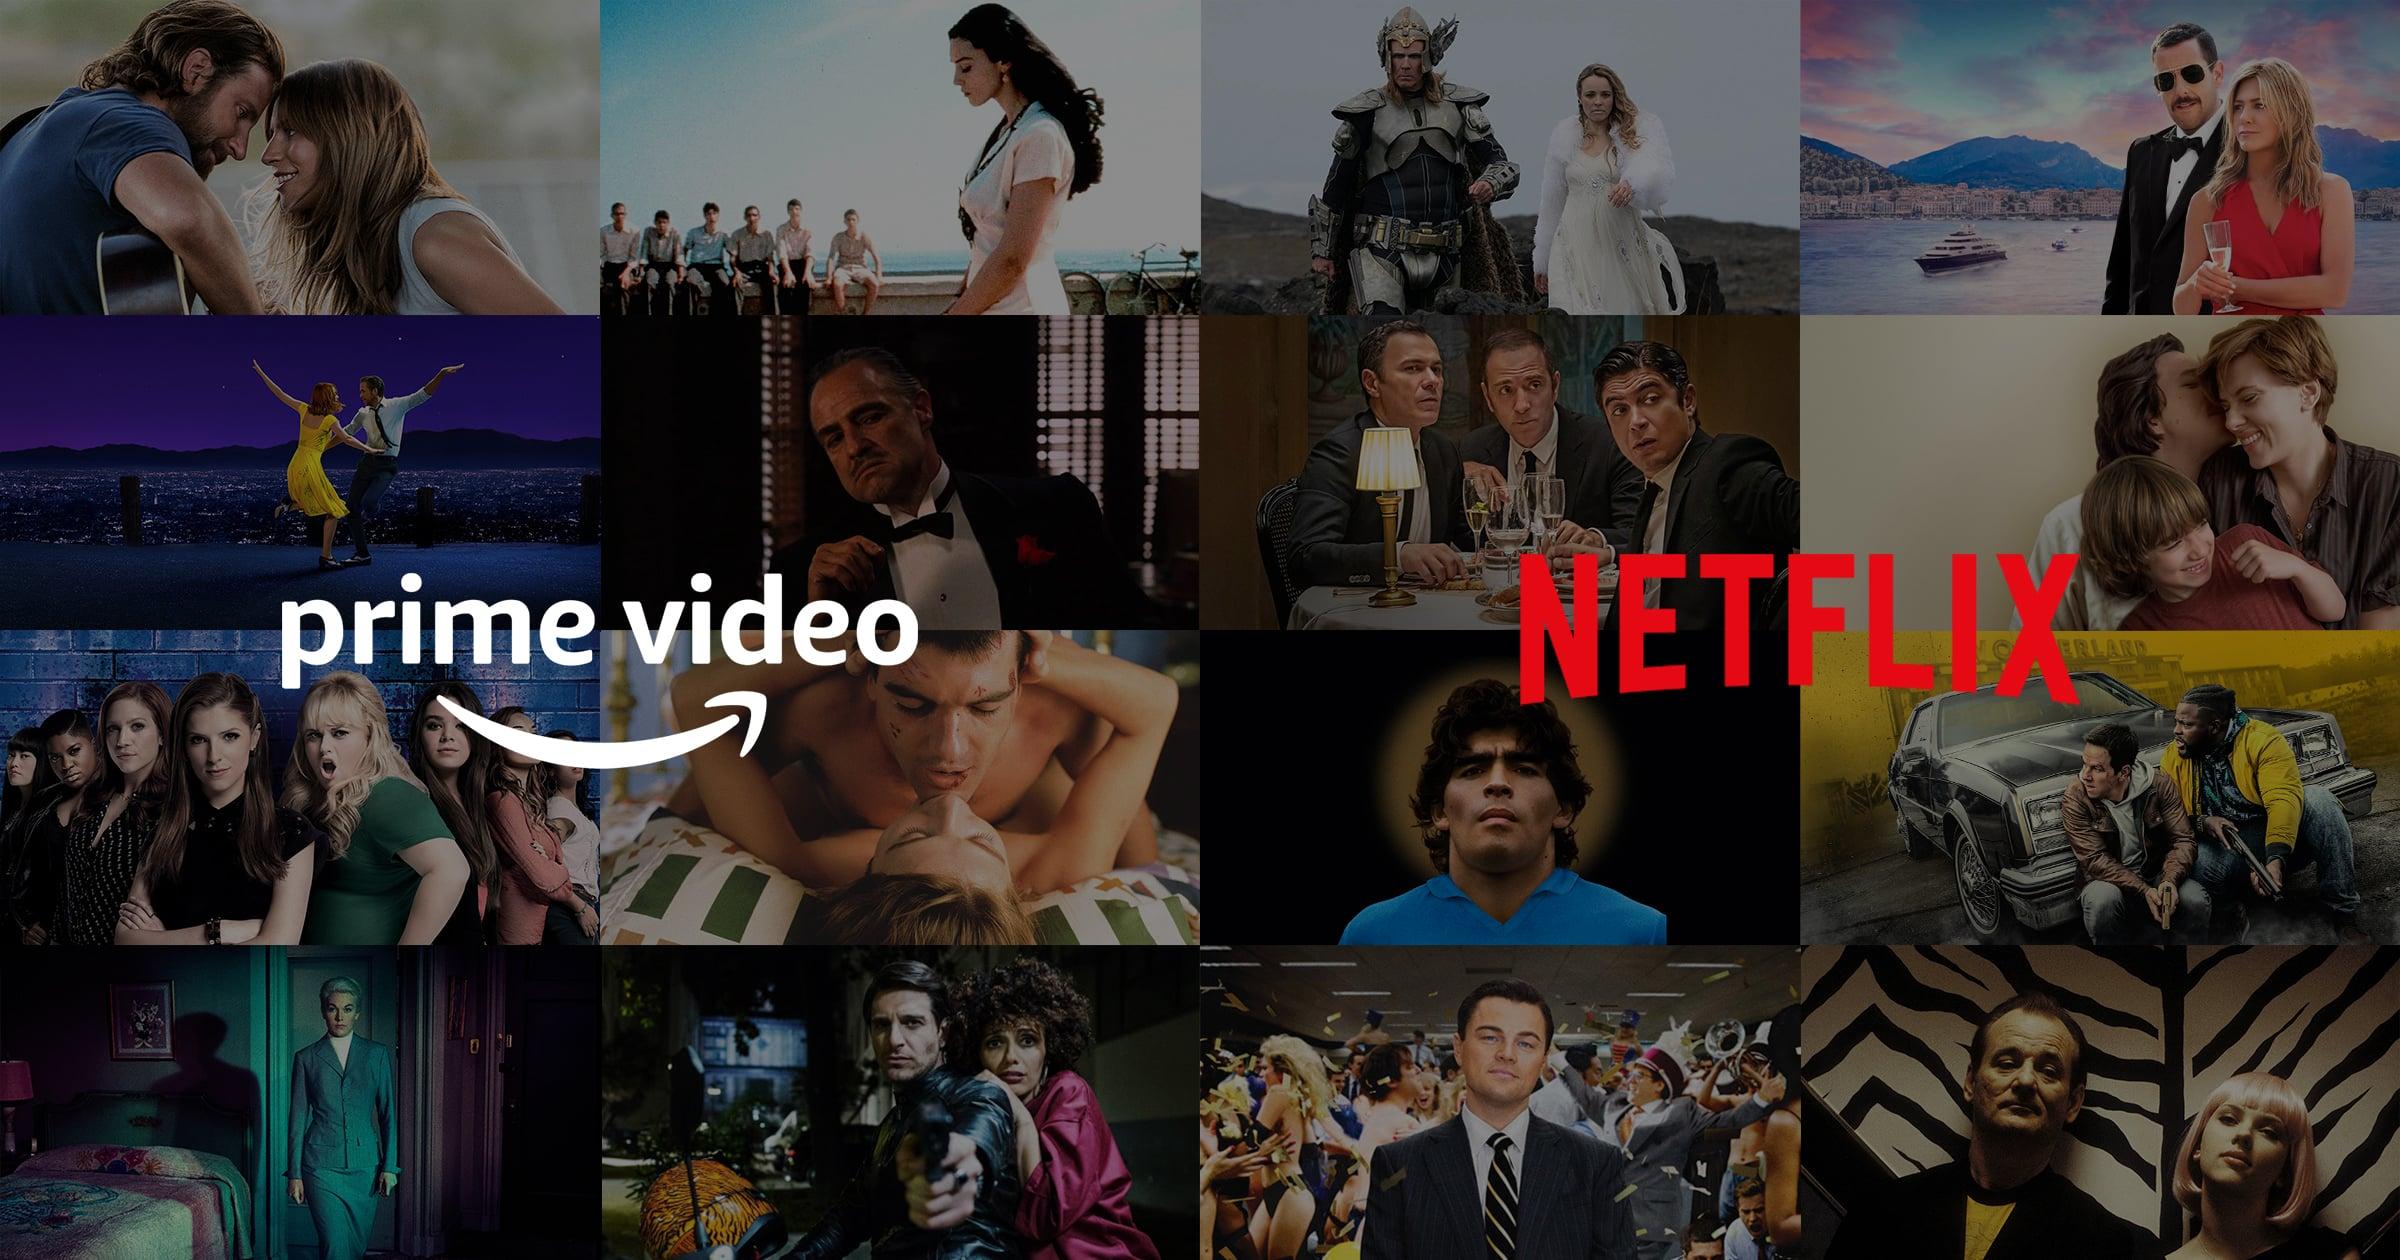 agosto guardare amazon prime video netflix